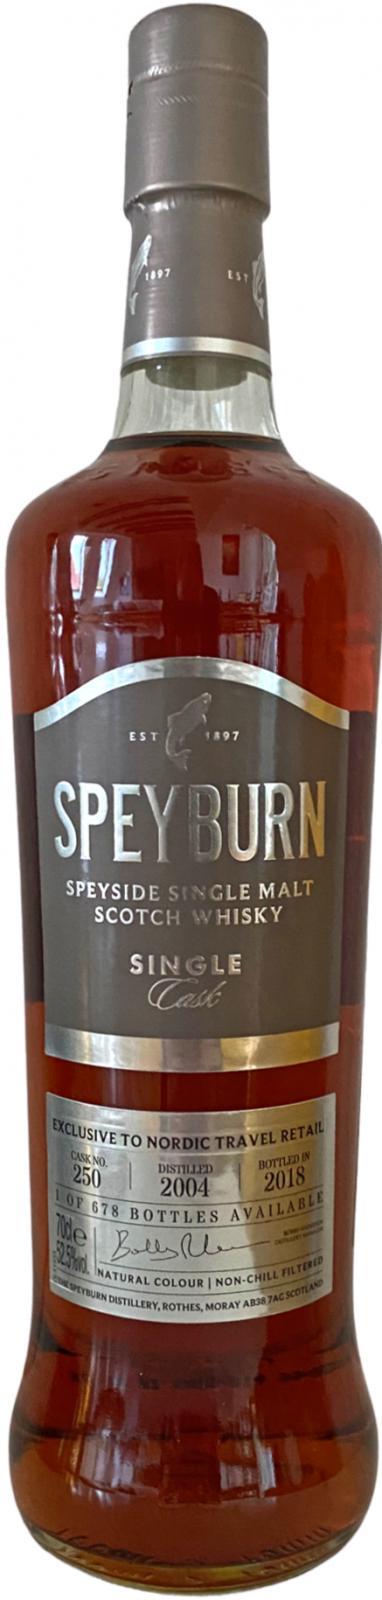 Speyburn 2004